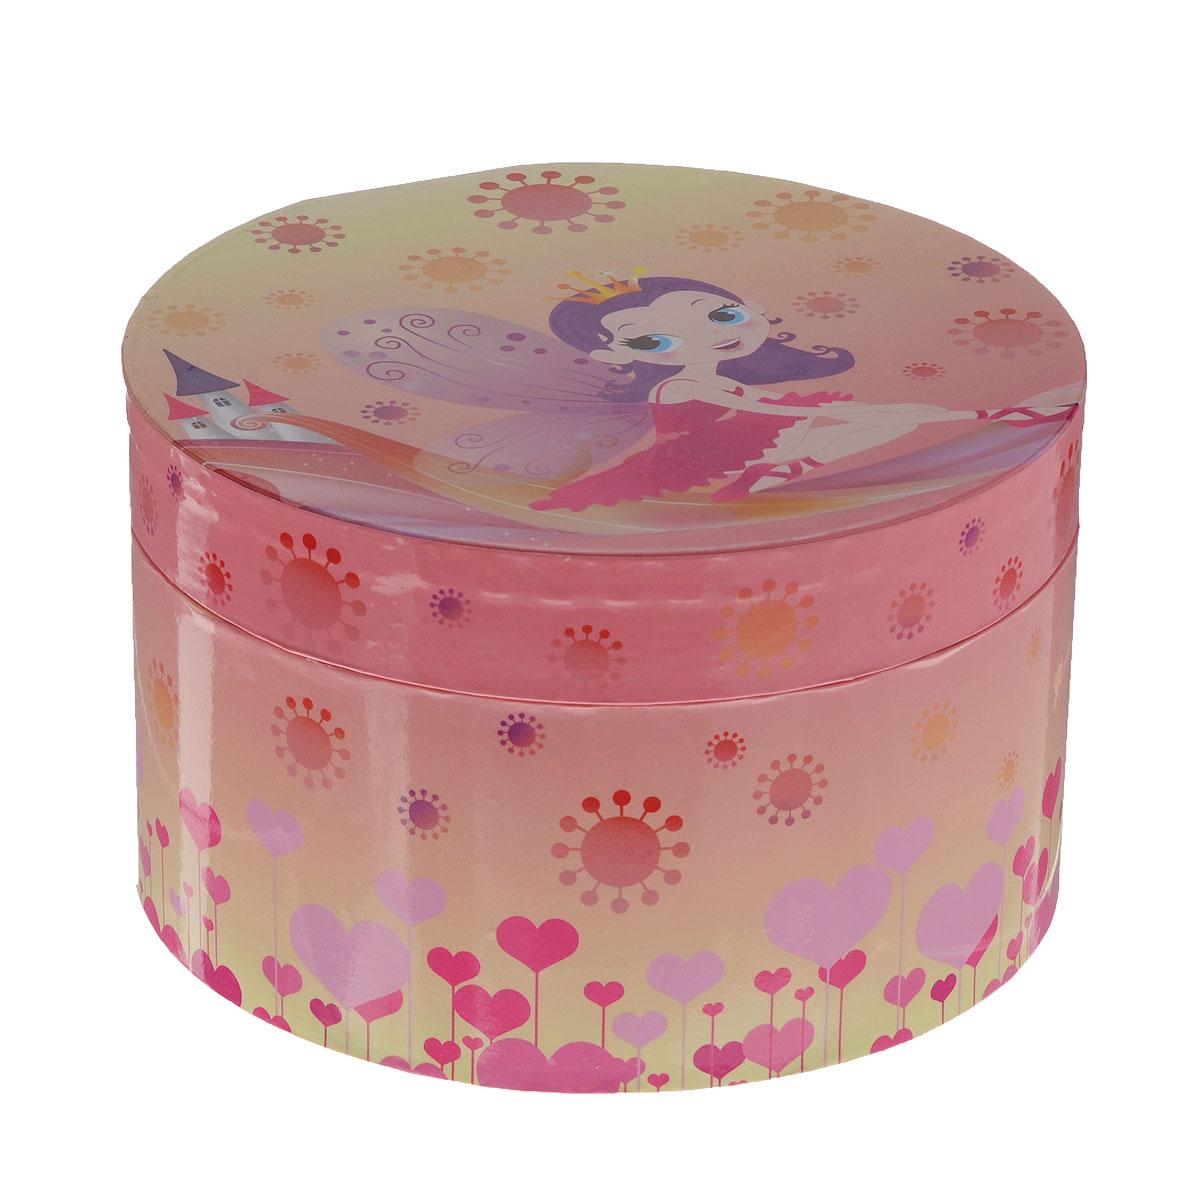 Музыкальная шкатулка Jakos Принцесса, цвет: розовый, желтый музыкальная шкатулка jakos в форме сердечка 30000 30991